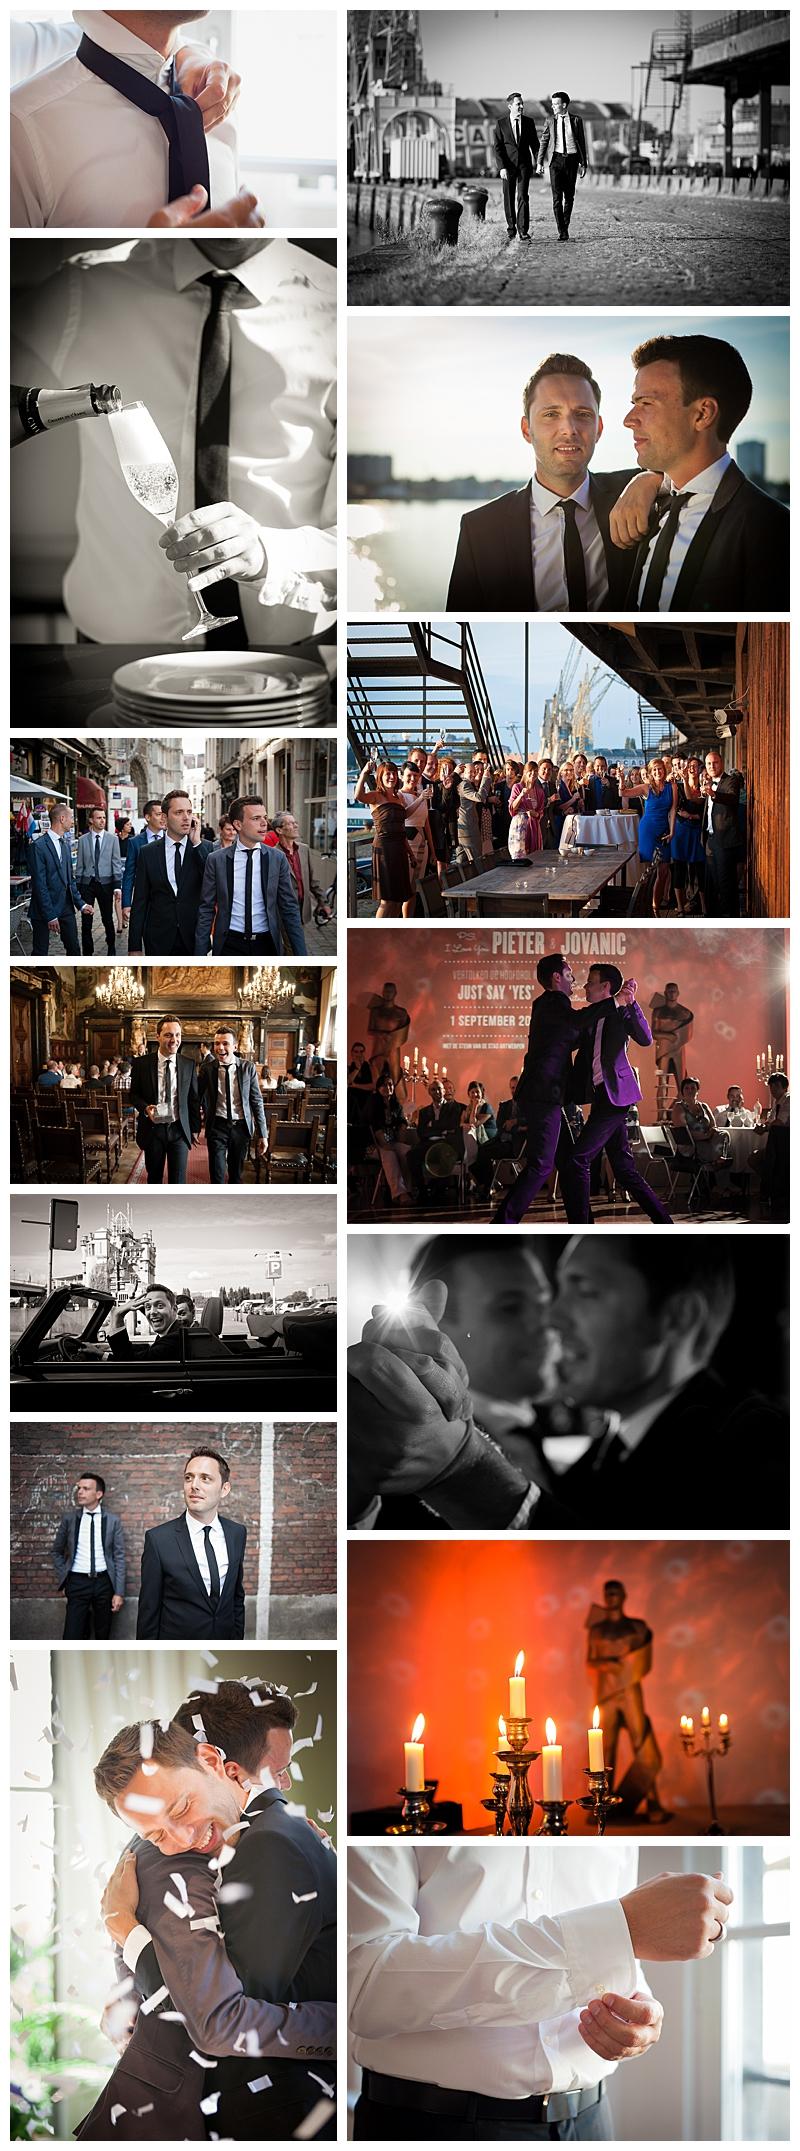 PJ trouw-trouwfotografie-geert peeters wedding photography-Antwerpen-wedding-2.jpg